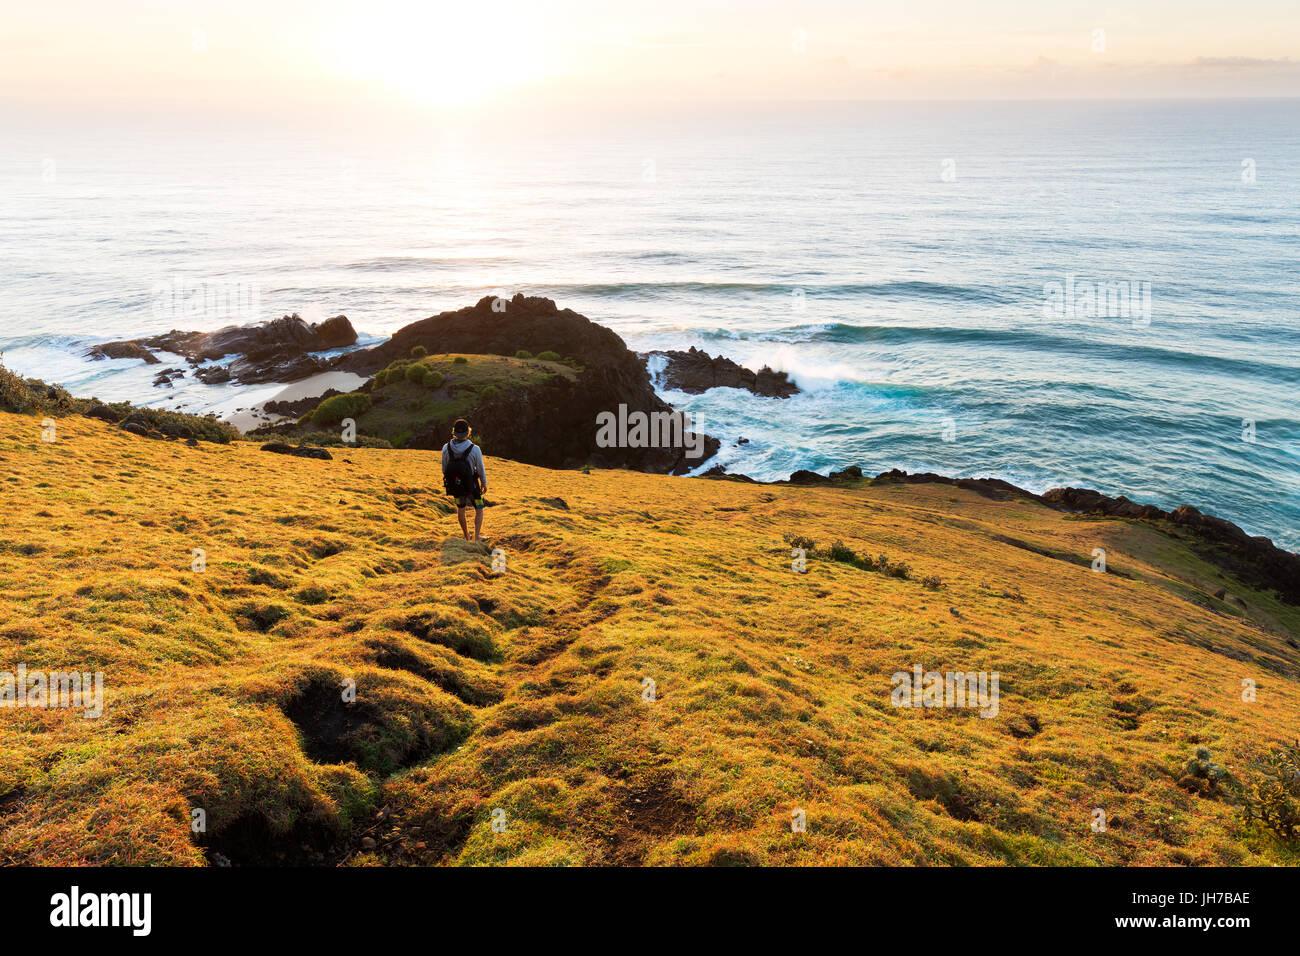 Eine Person auf einer grasbewachsenen Landzunge Uhren den Sonnenaufgang über dem Meer und eine wunderschöne Stockbild